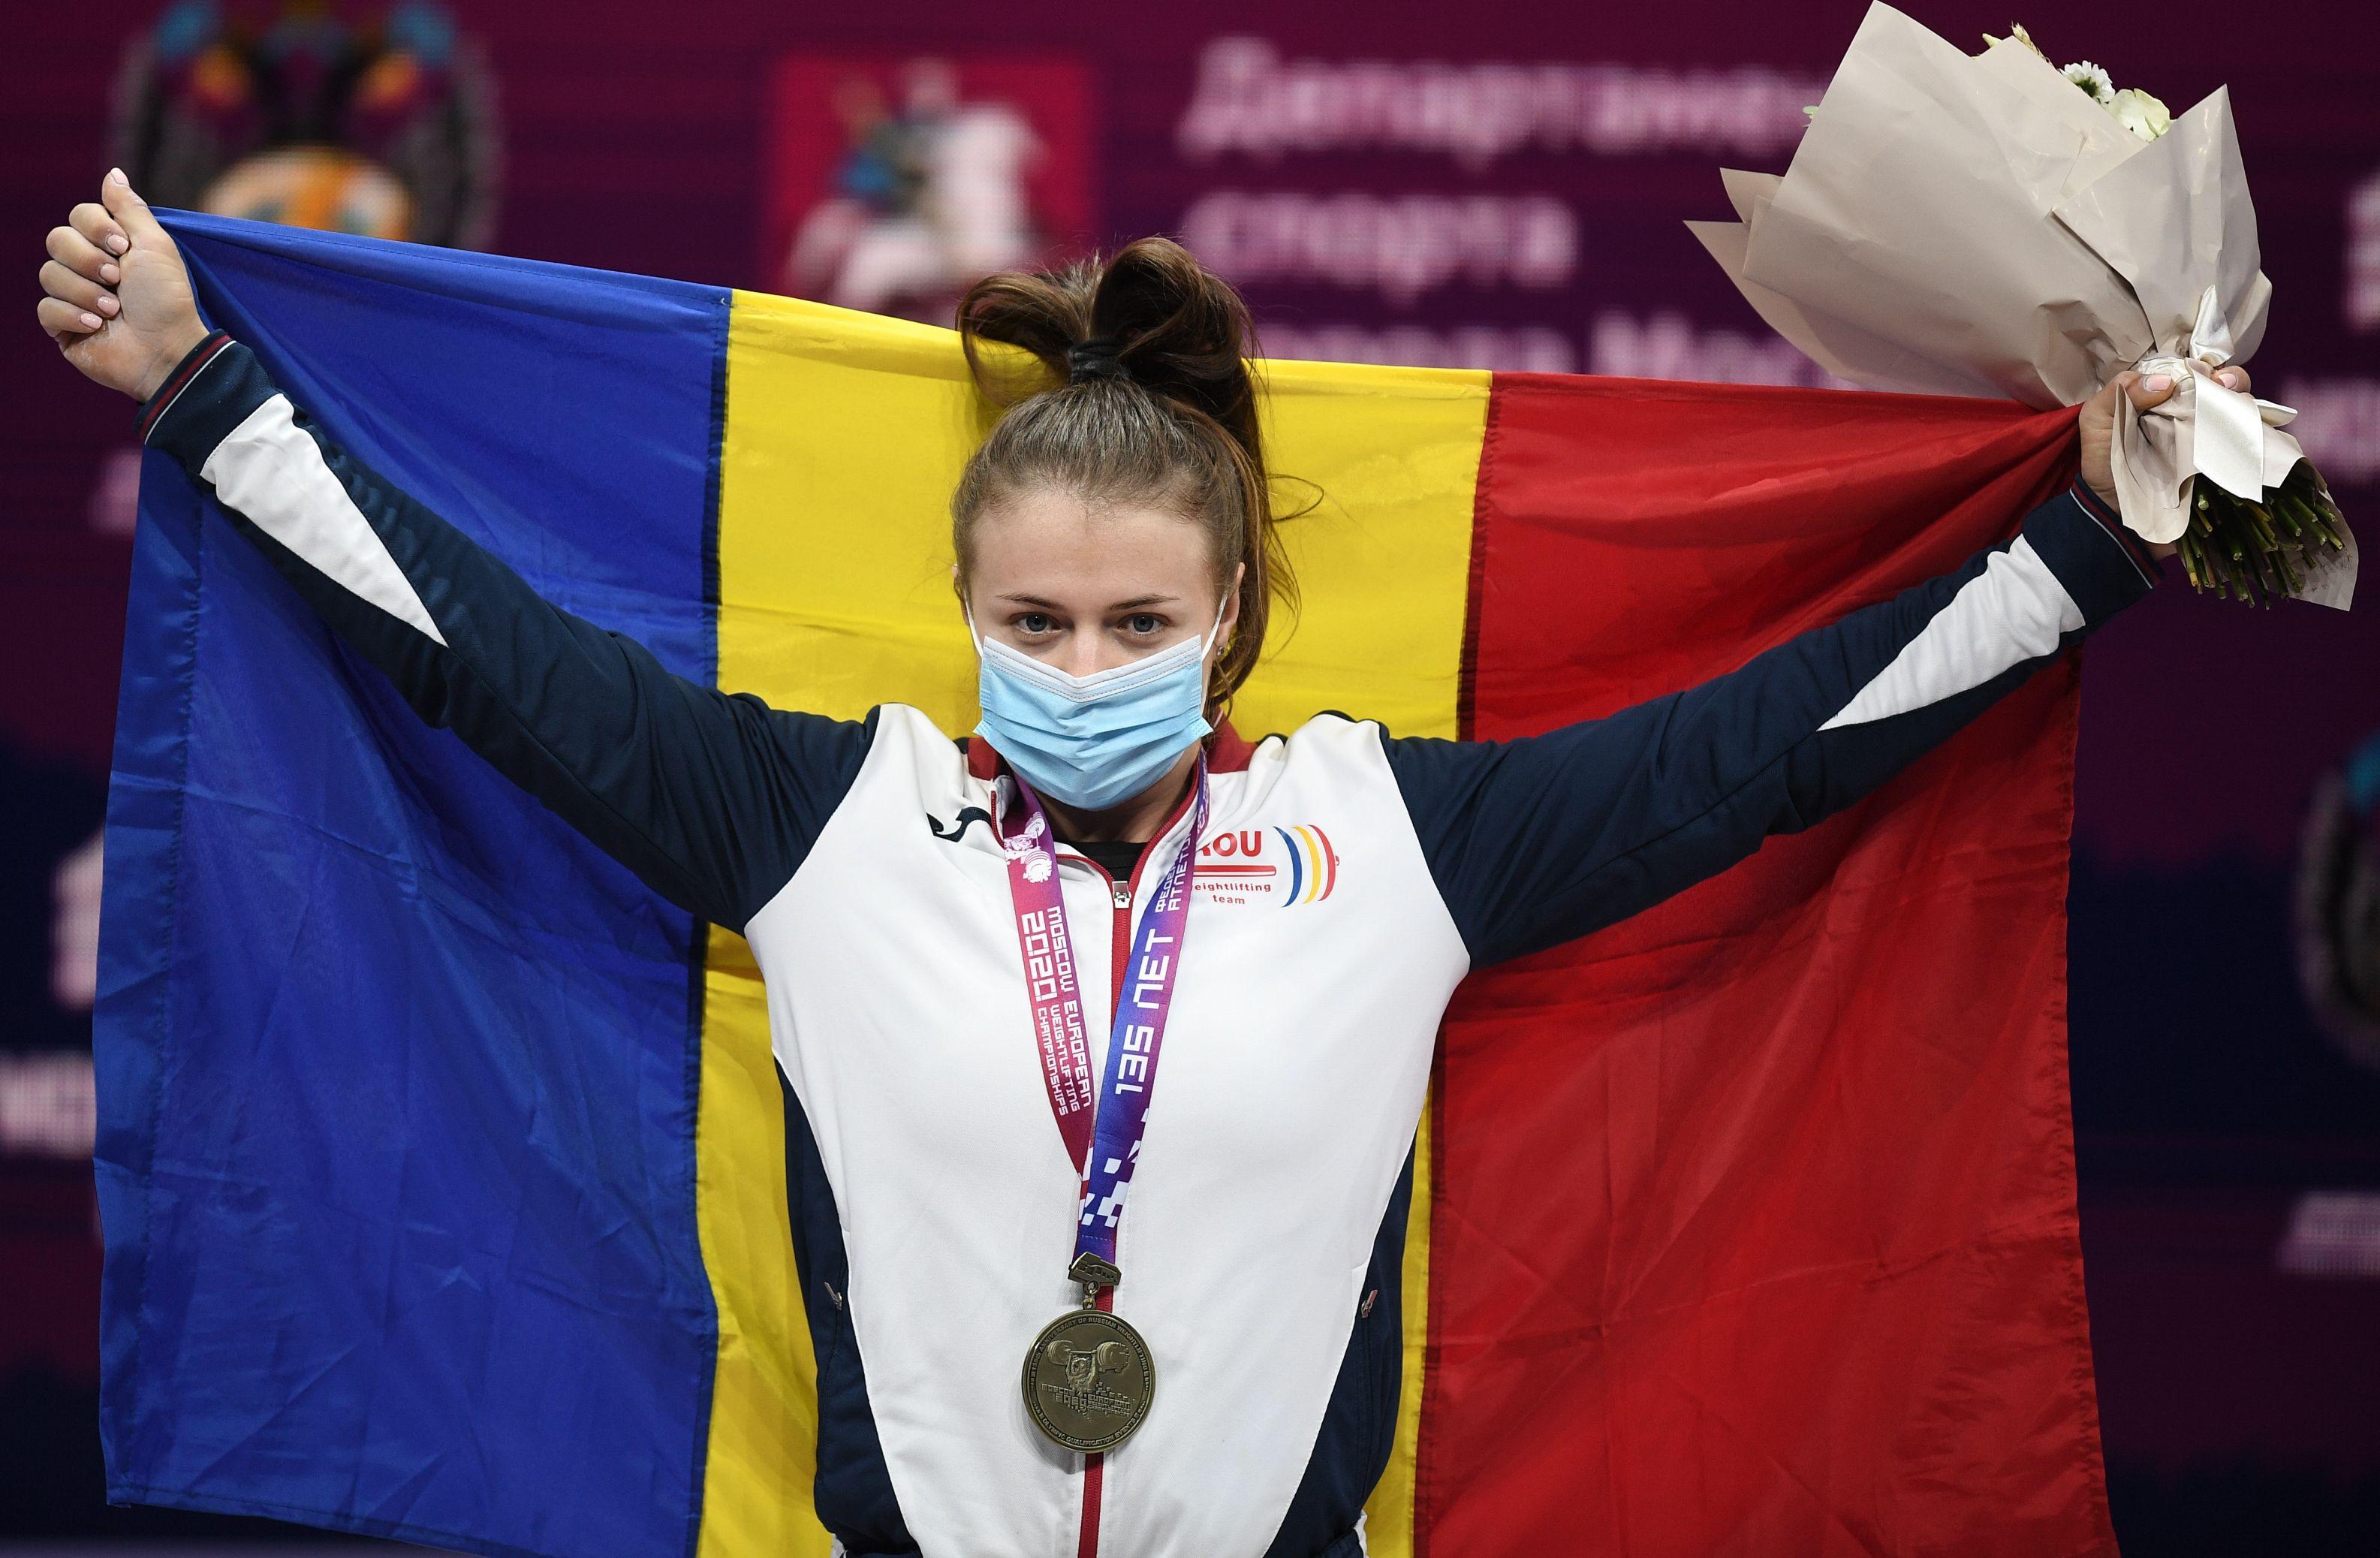 Loredana Toma în timpul ceremoniei de premiere la Moscova, cu steagul României şi medalia de aur